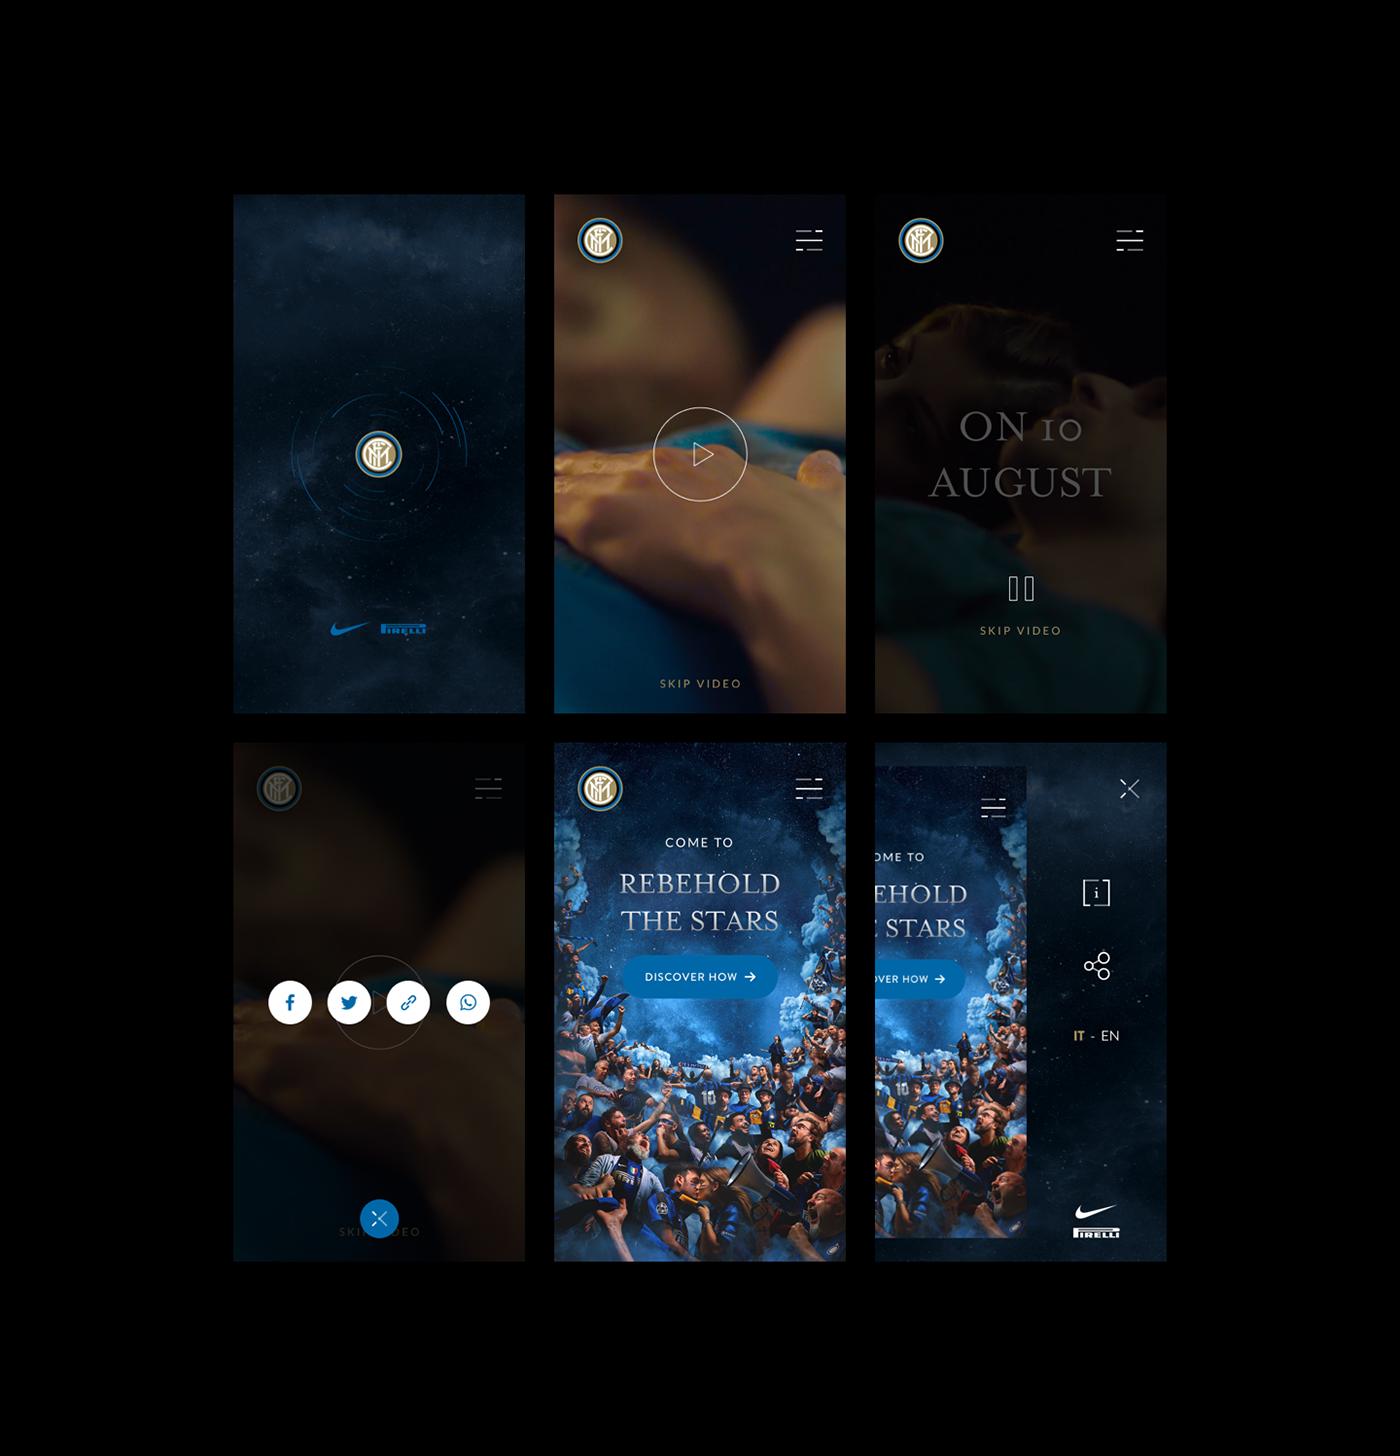 inter soccer milan night stars bed design Website UI ux